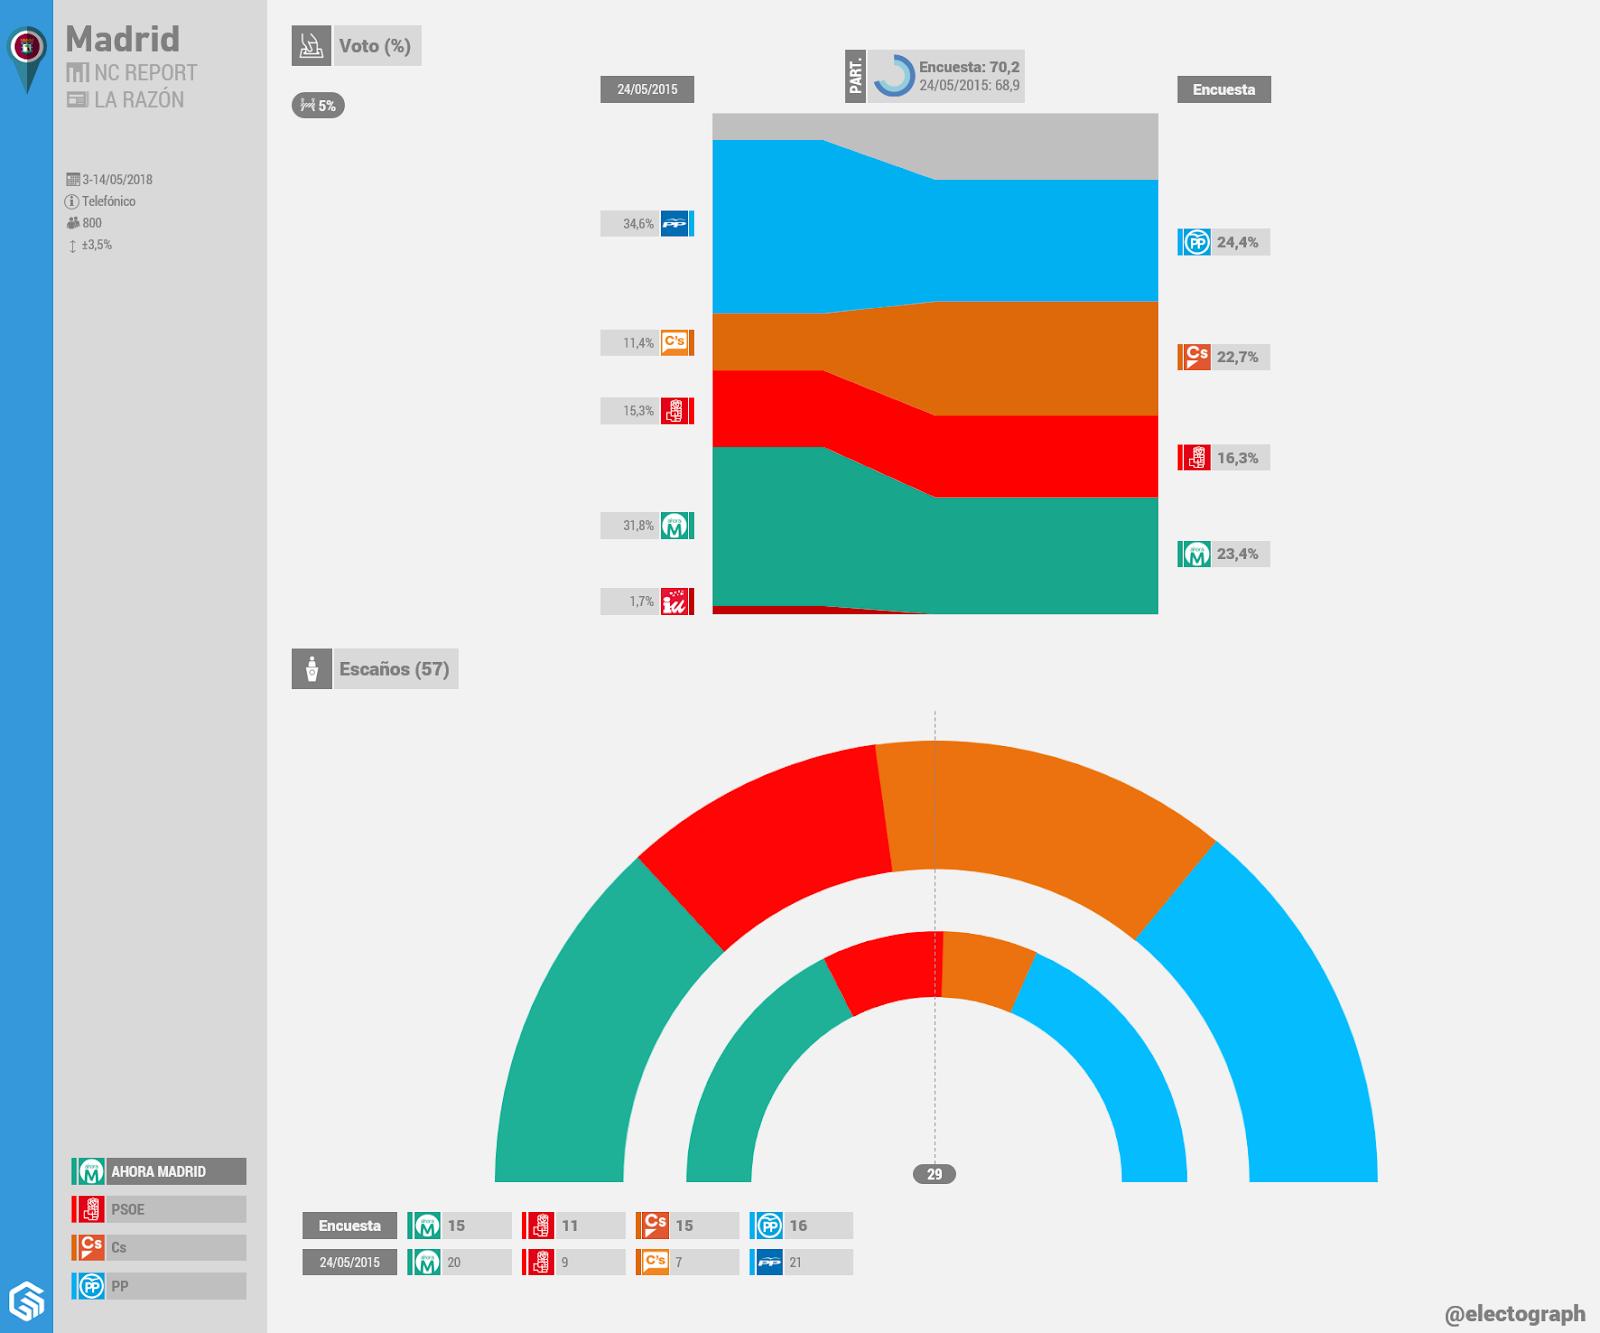 Gráfico de la encuesta para elecciones municipales en Madrid realizada por NC Report para La Razón en mayo de 2018